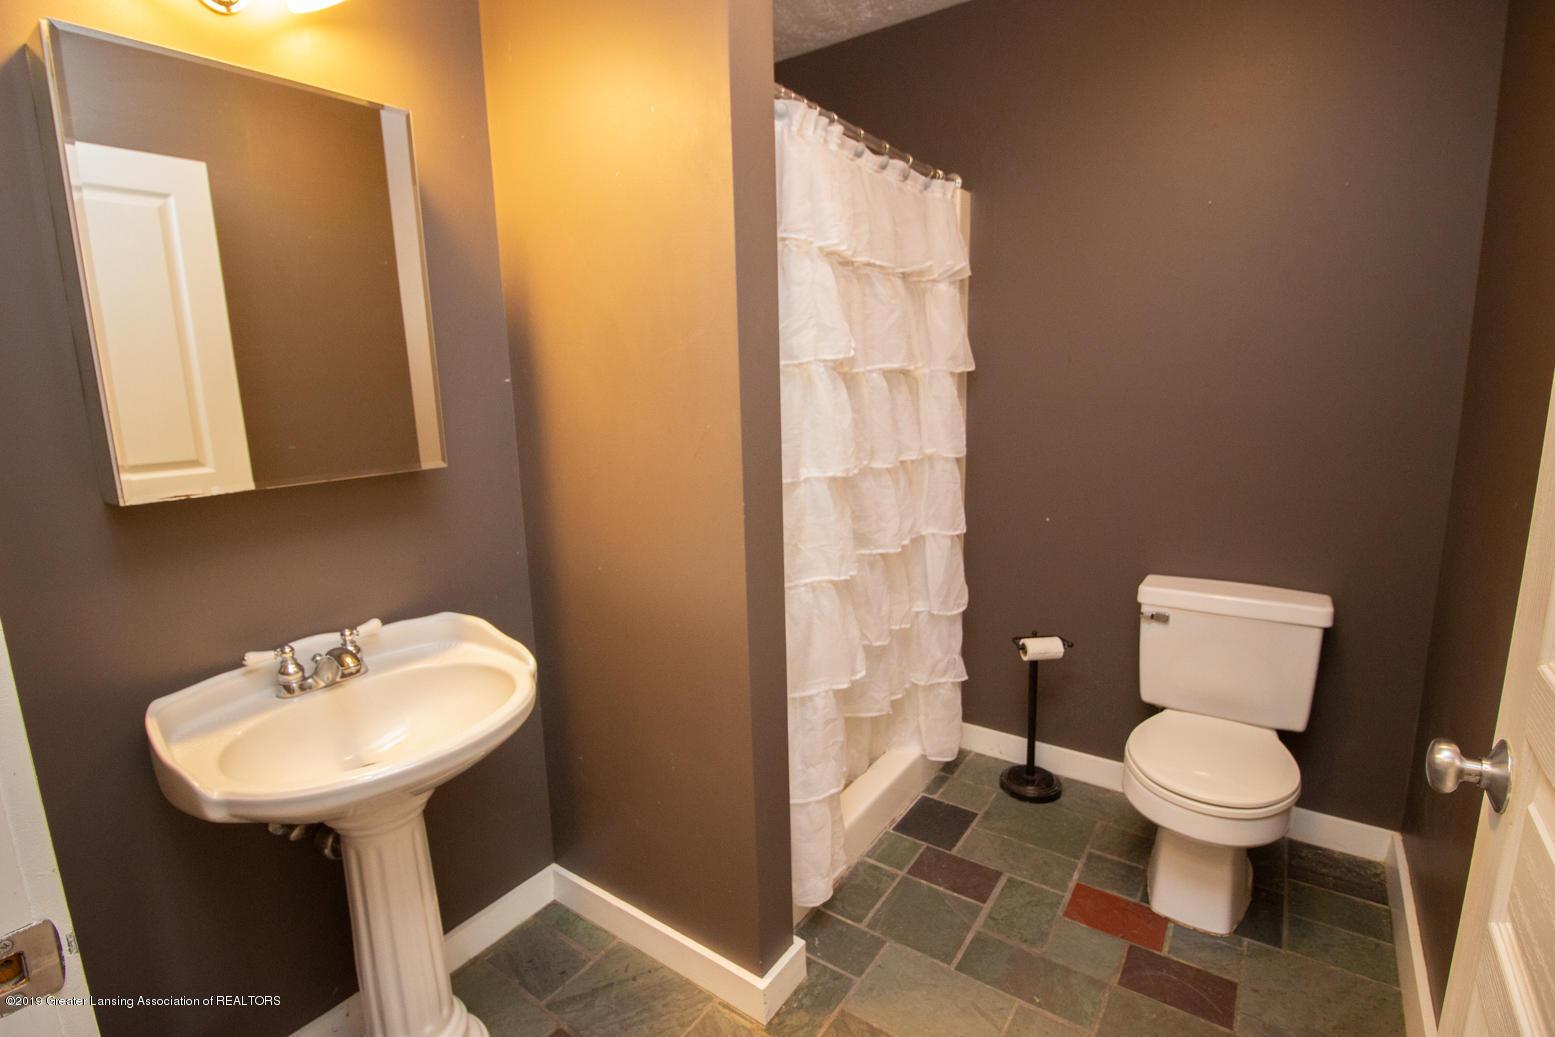 1562 S Waverly Rd - 1st floor bathroom - 15